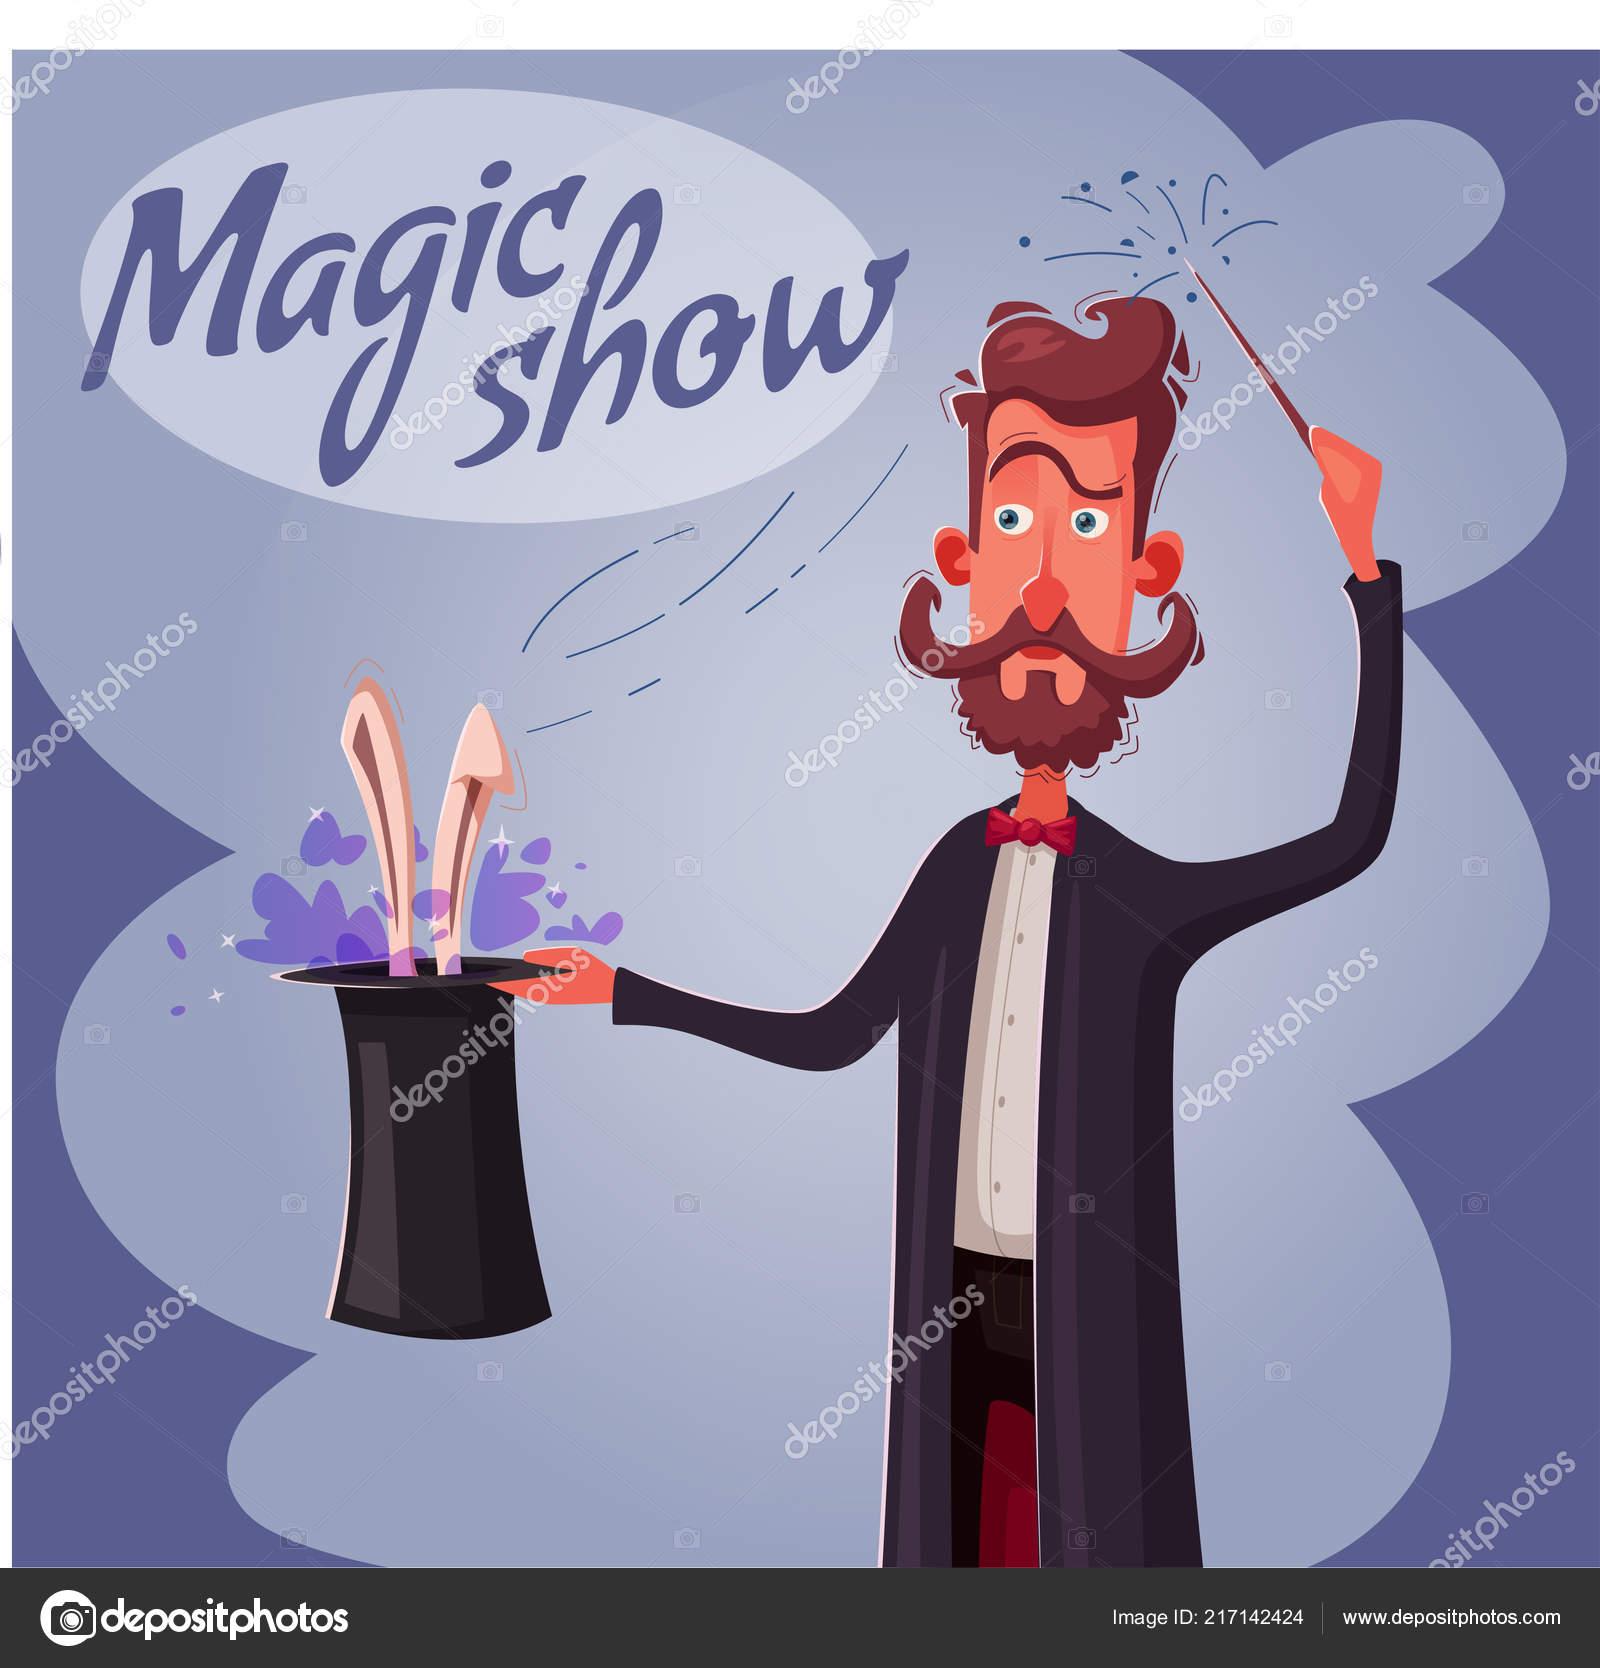 Cartel de circo con mago. Hombre que sostiene un sombrero de conejo.  Ilustración vectorial de dibujos animados. Show de magia. Hacer un truco de  ilusionista ... caf1993f662